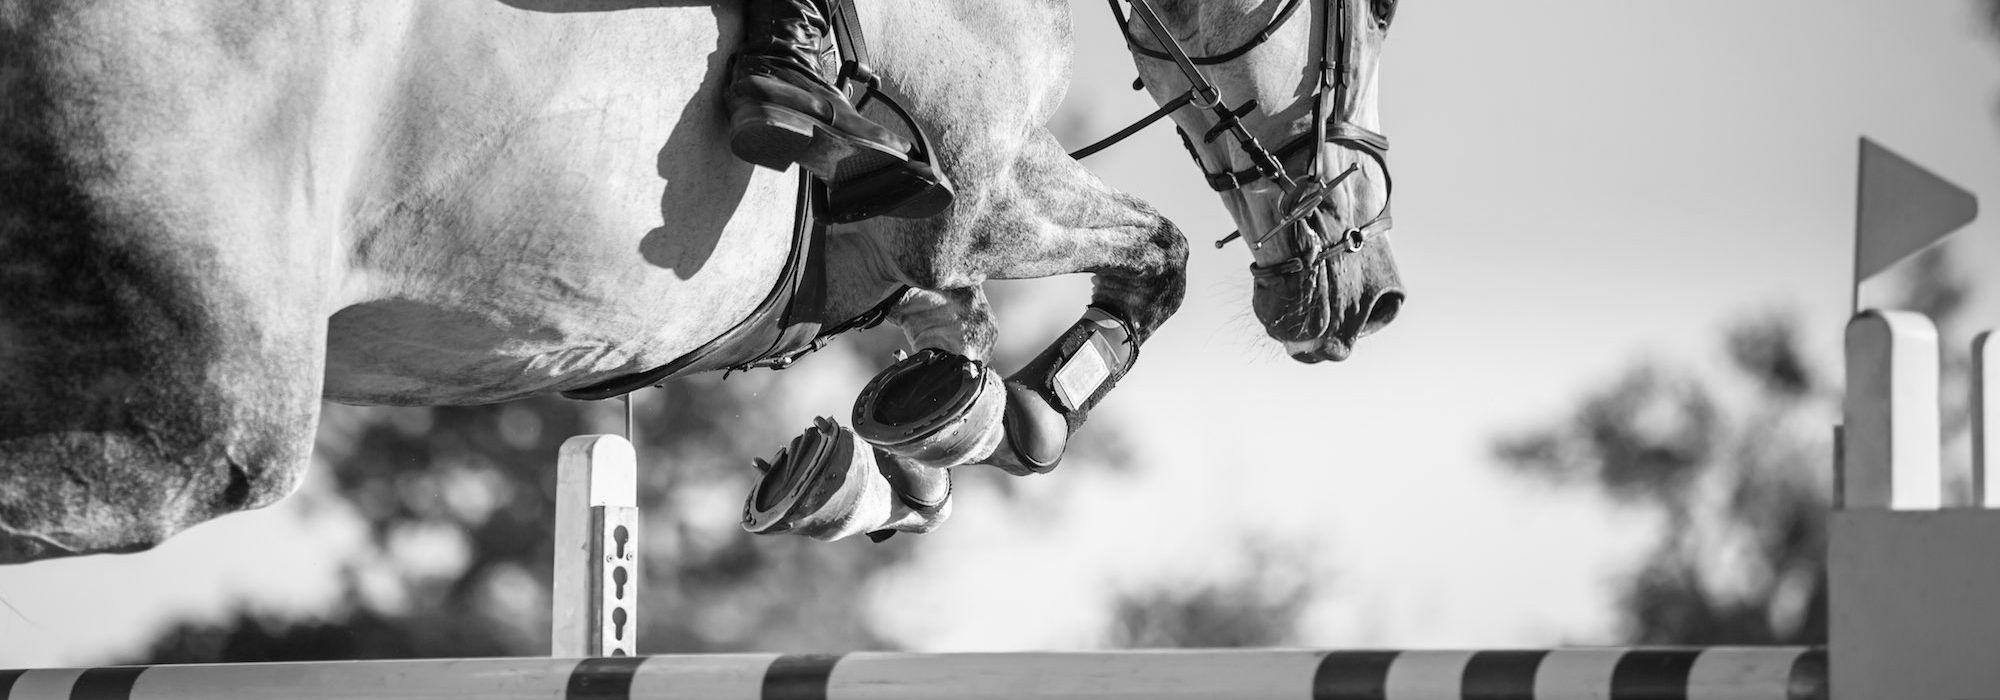 Horses Fei Org